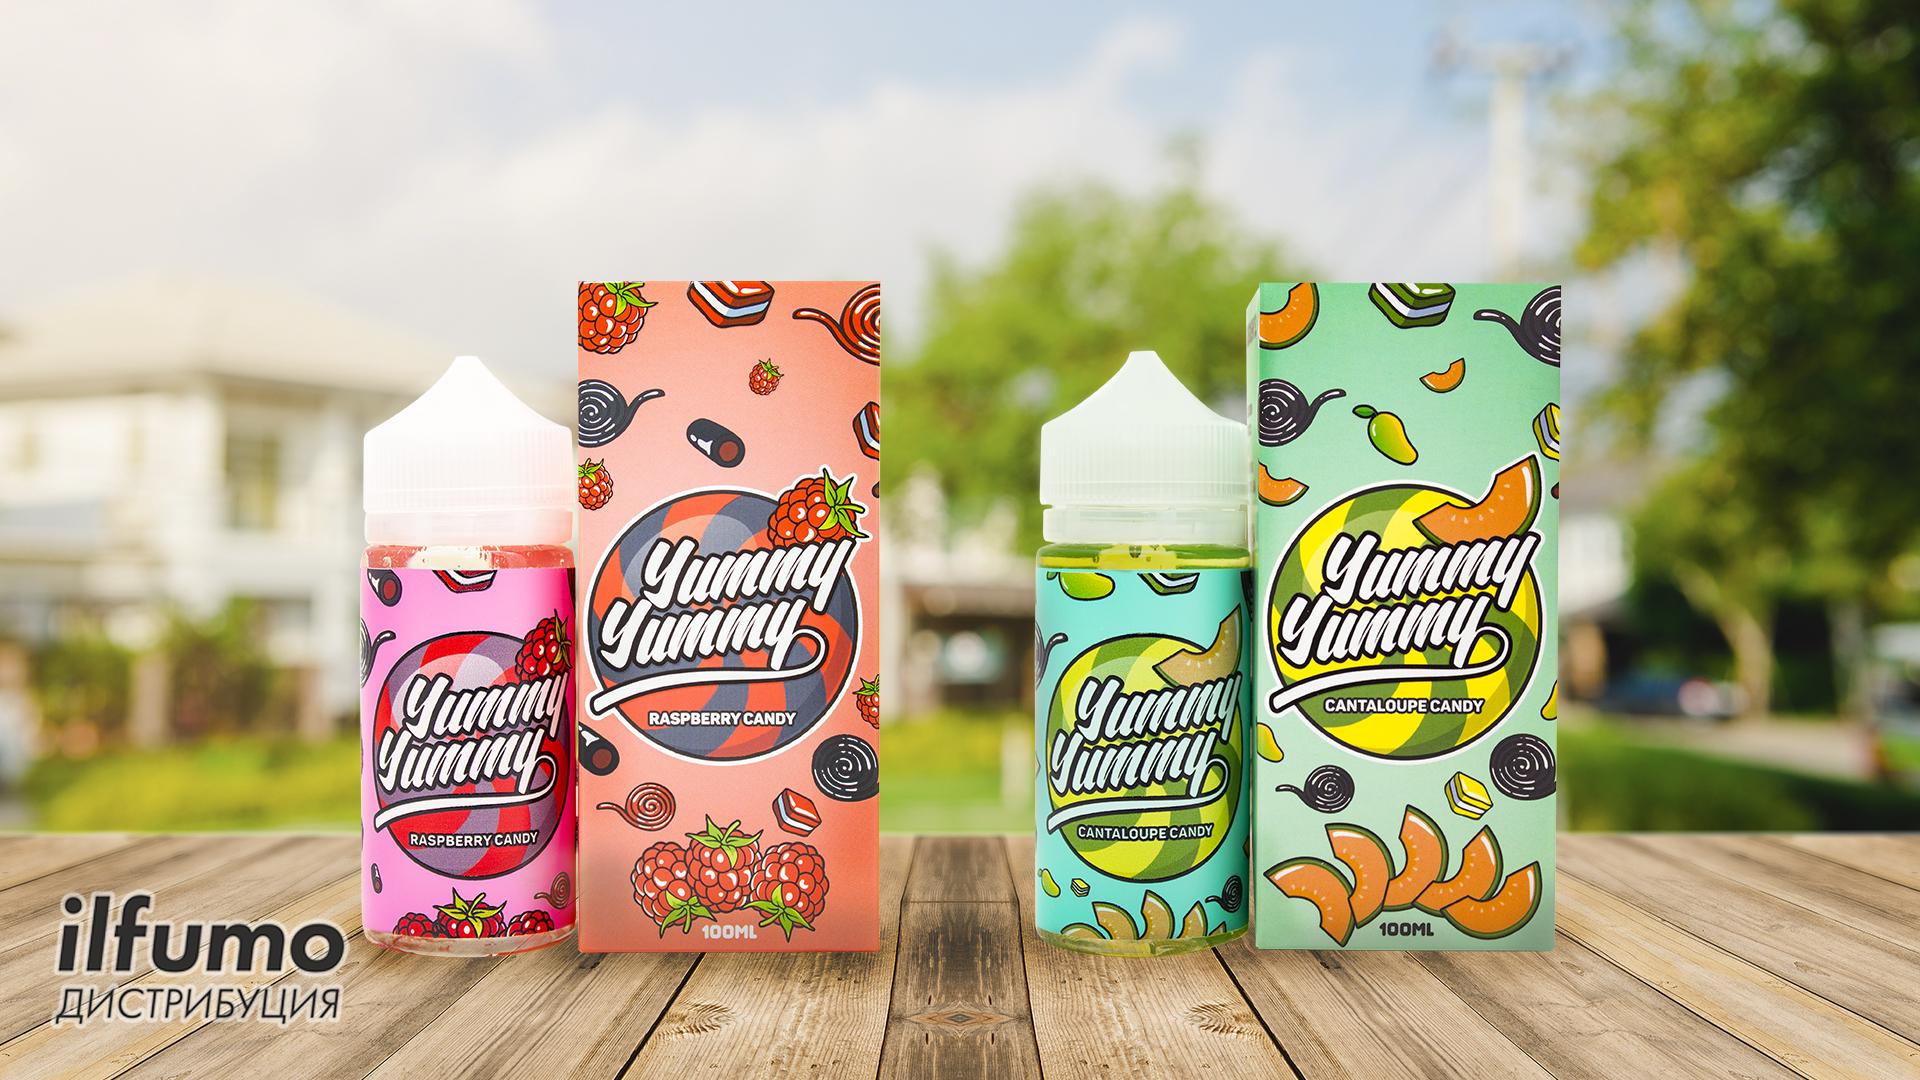 ilfumo-yummy-yummy